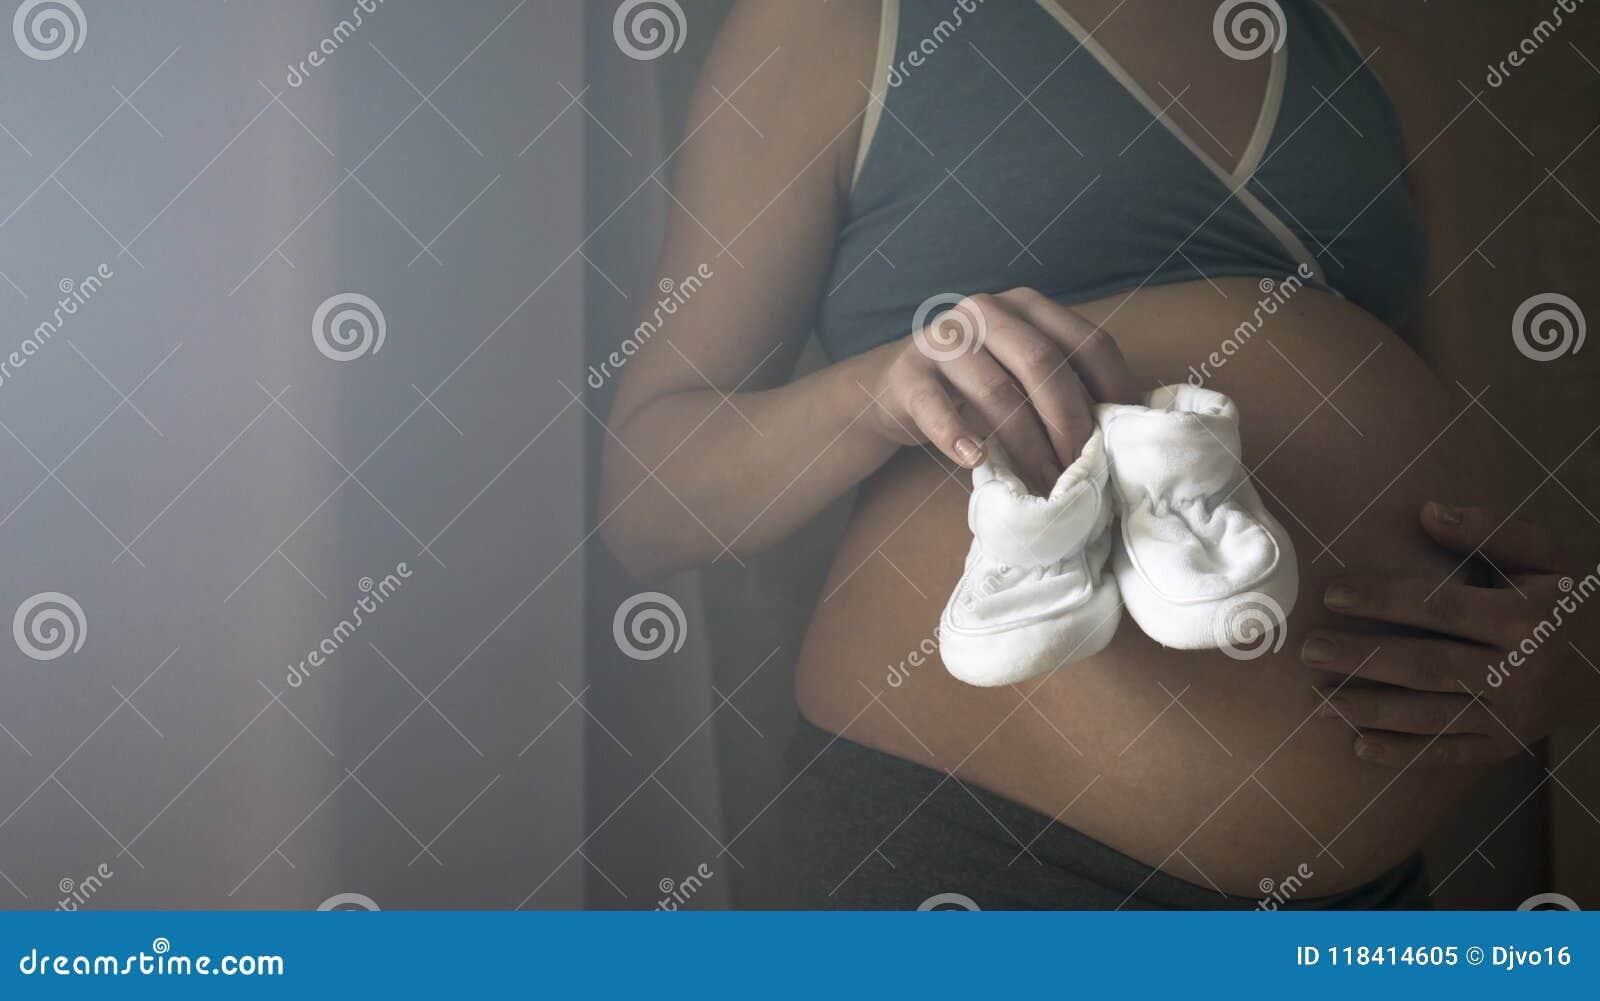 Eine Frau am 9. Monat der Schwangerschaft hält in ihren Handpantoffeln für ein neugeborenes Baby